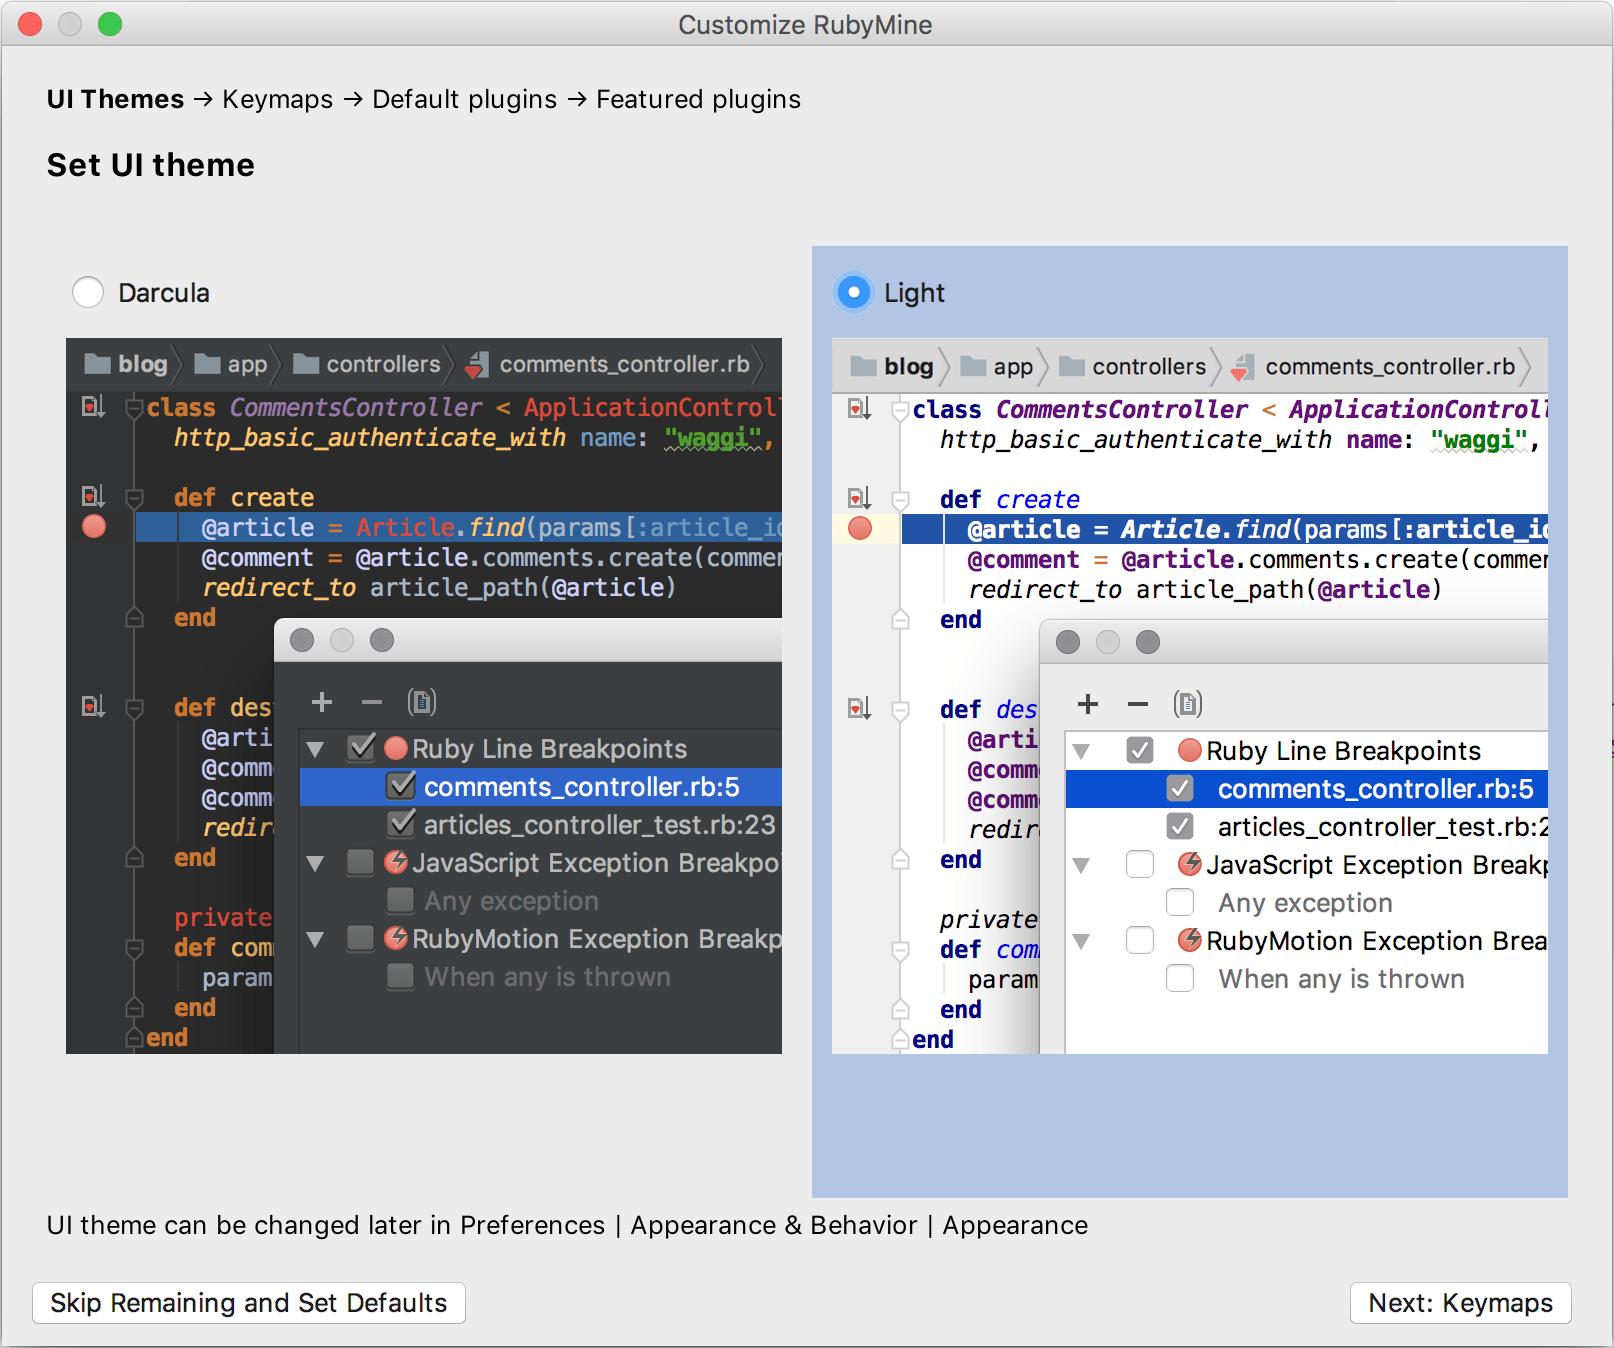 Select the UI theme